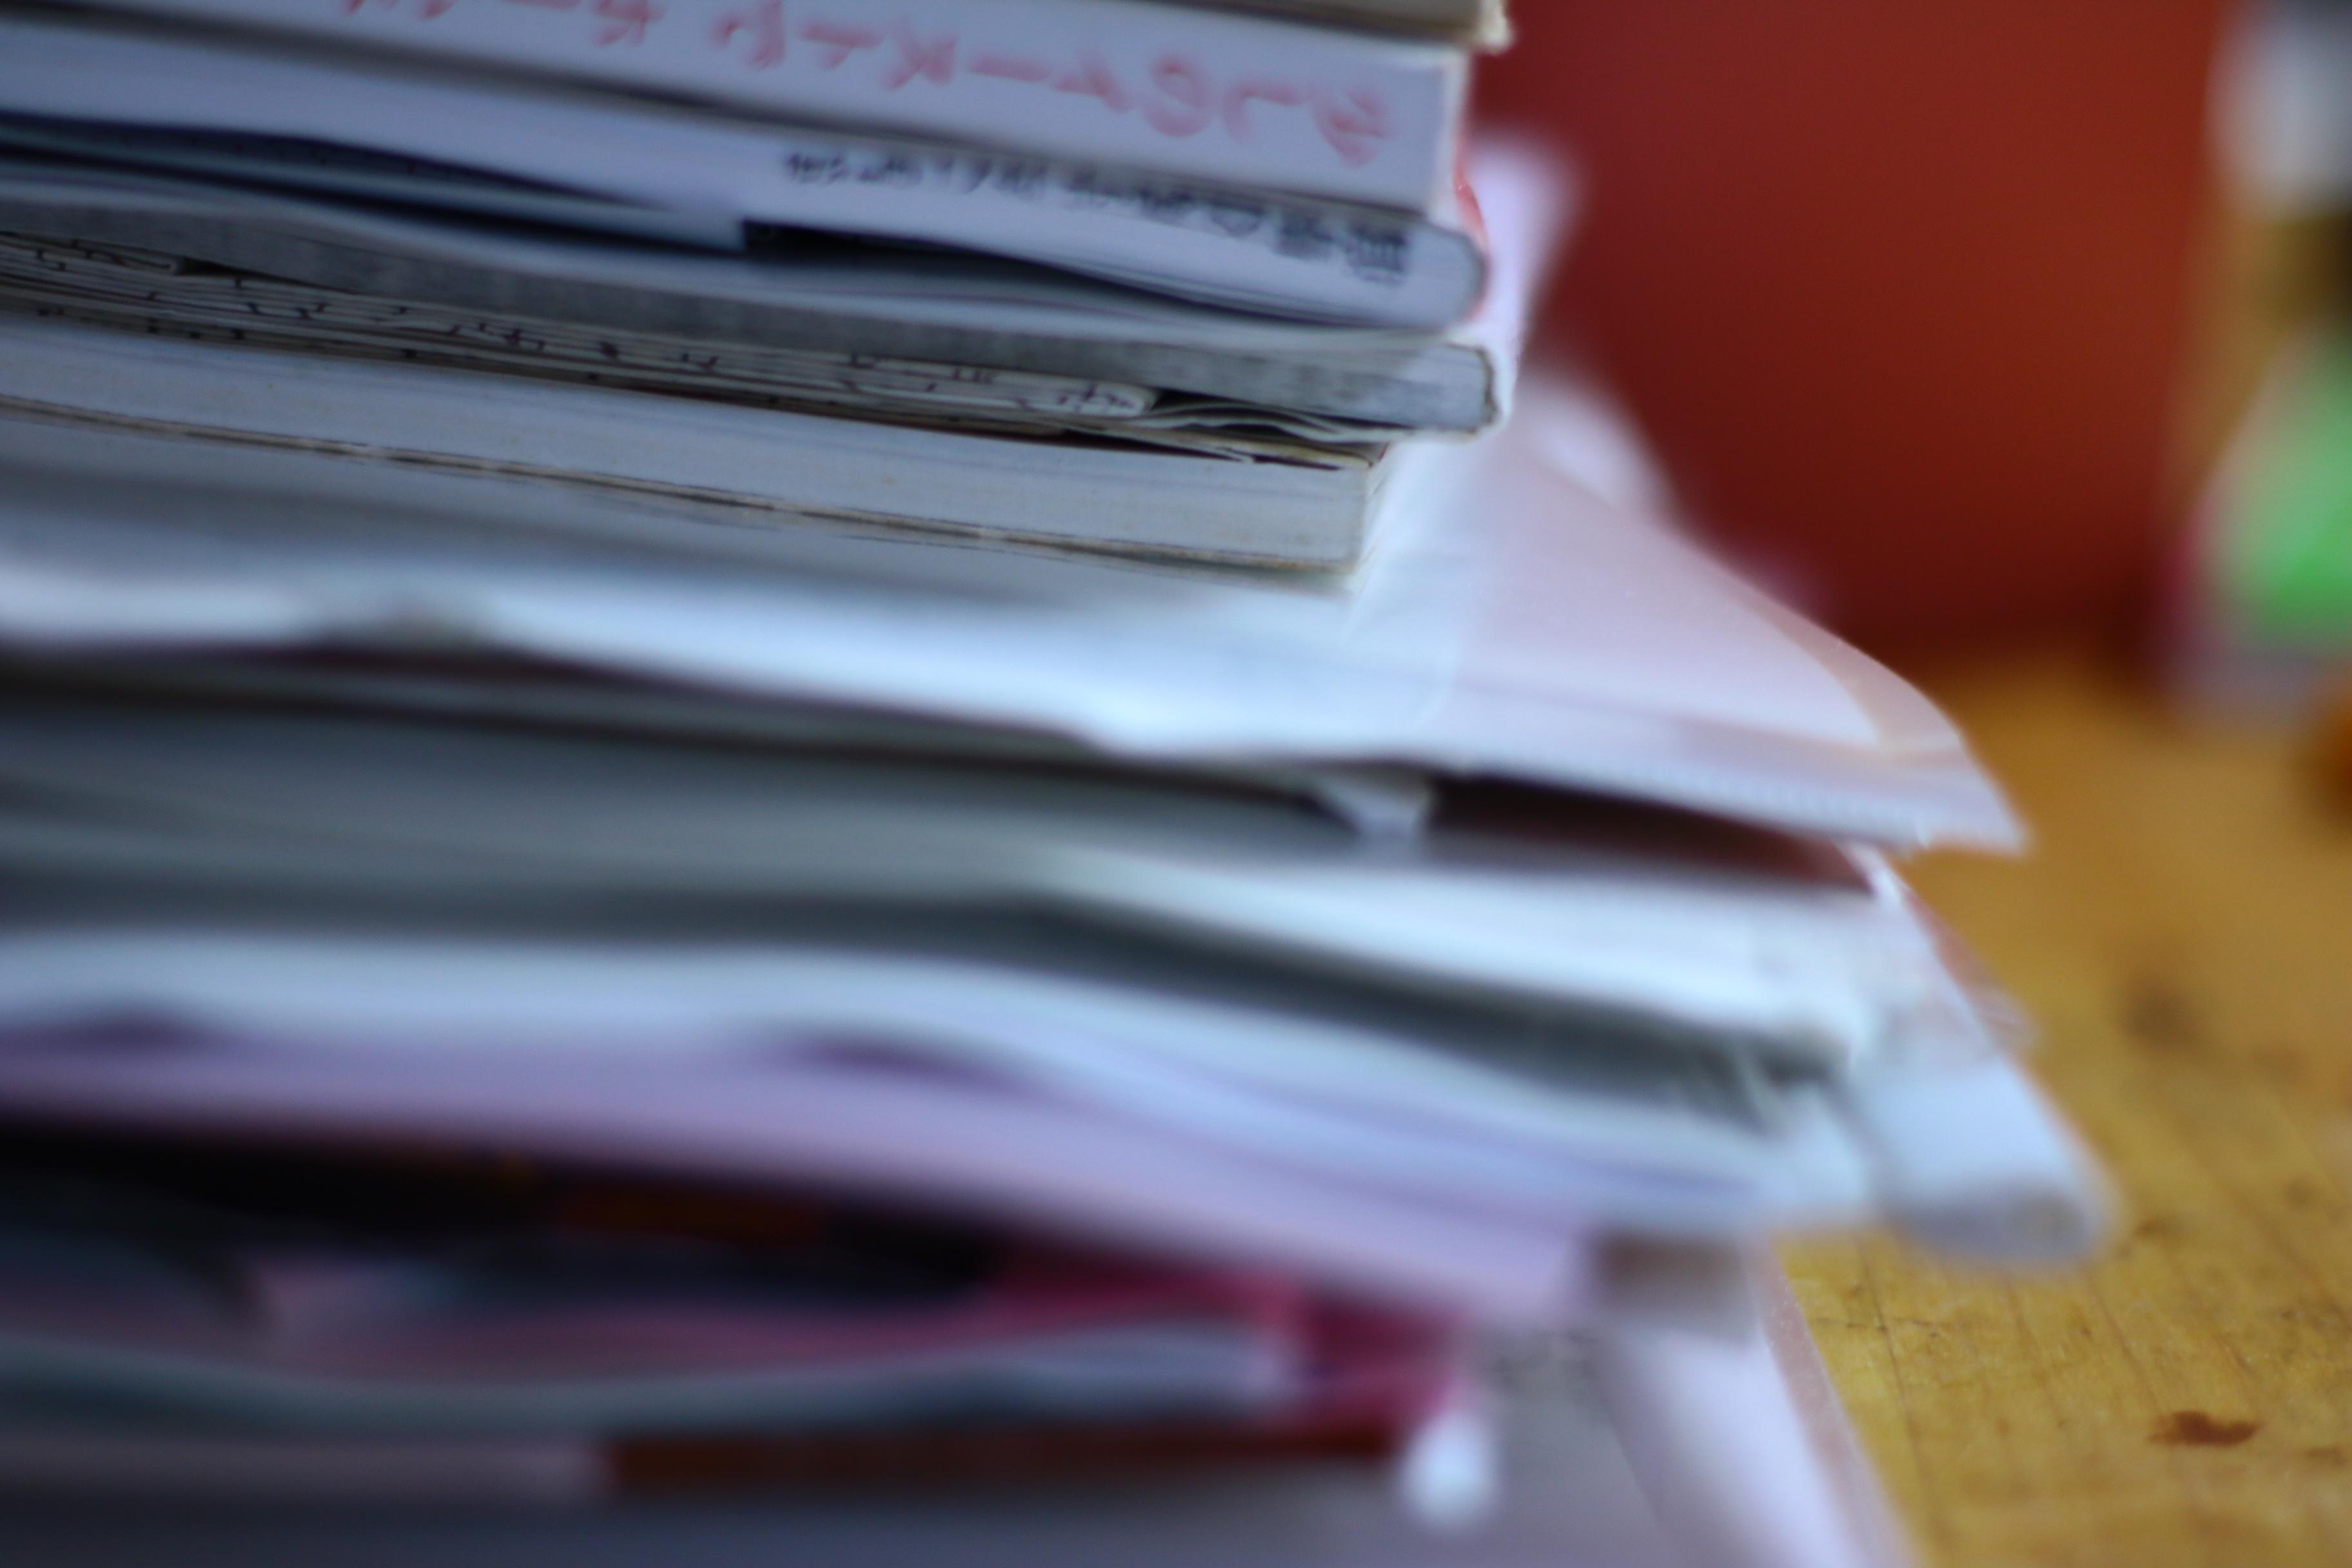 本や紙が積み重ねられている写真